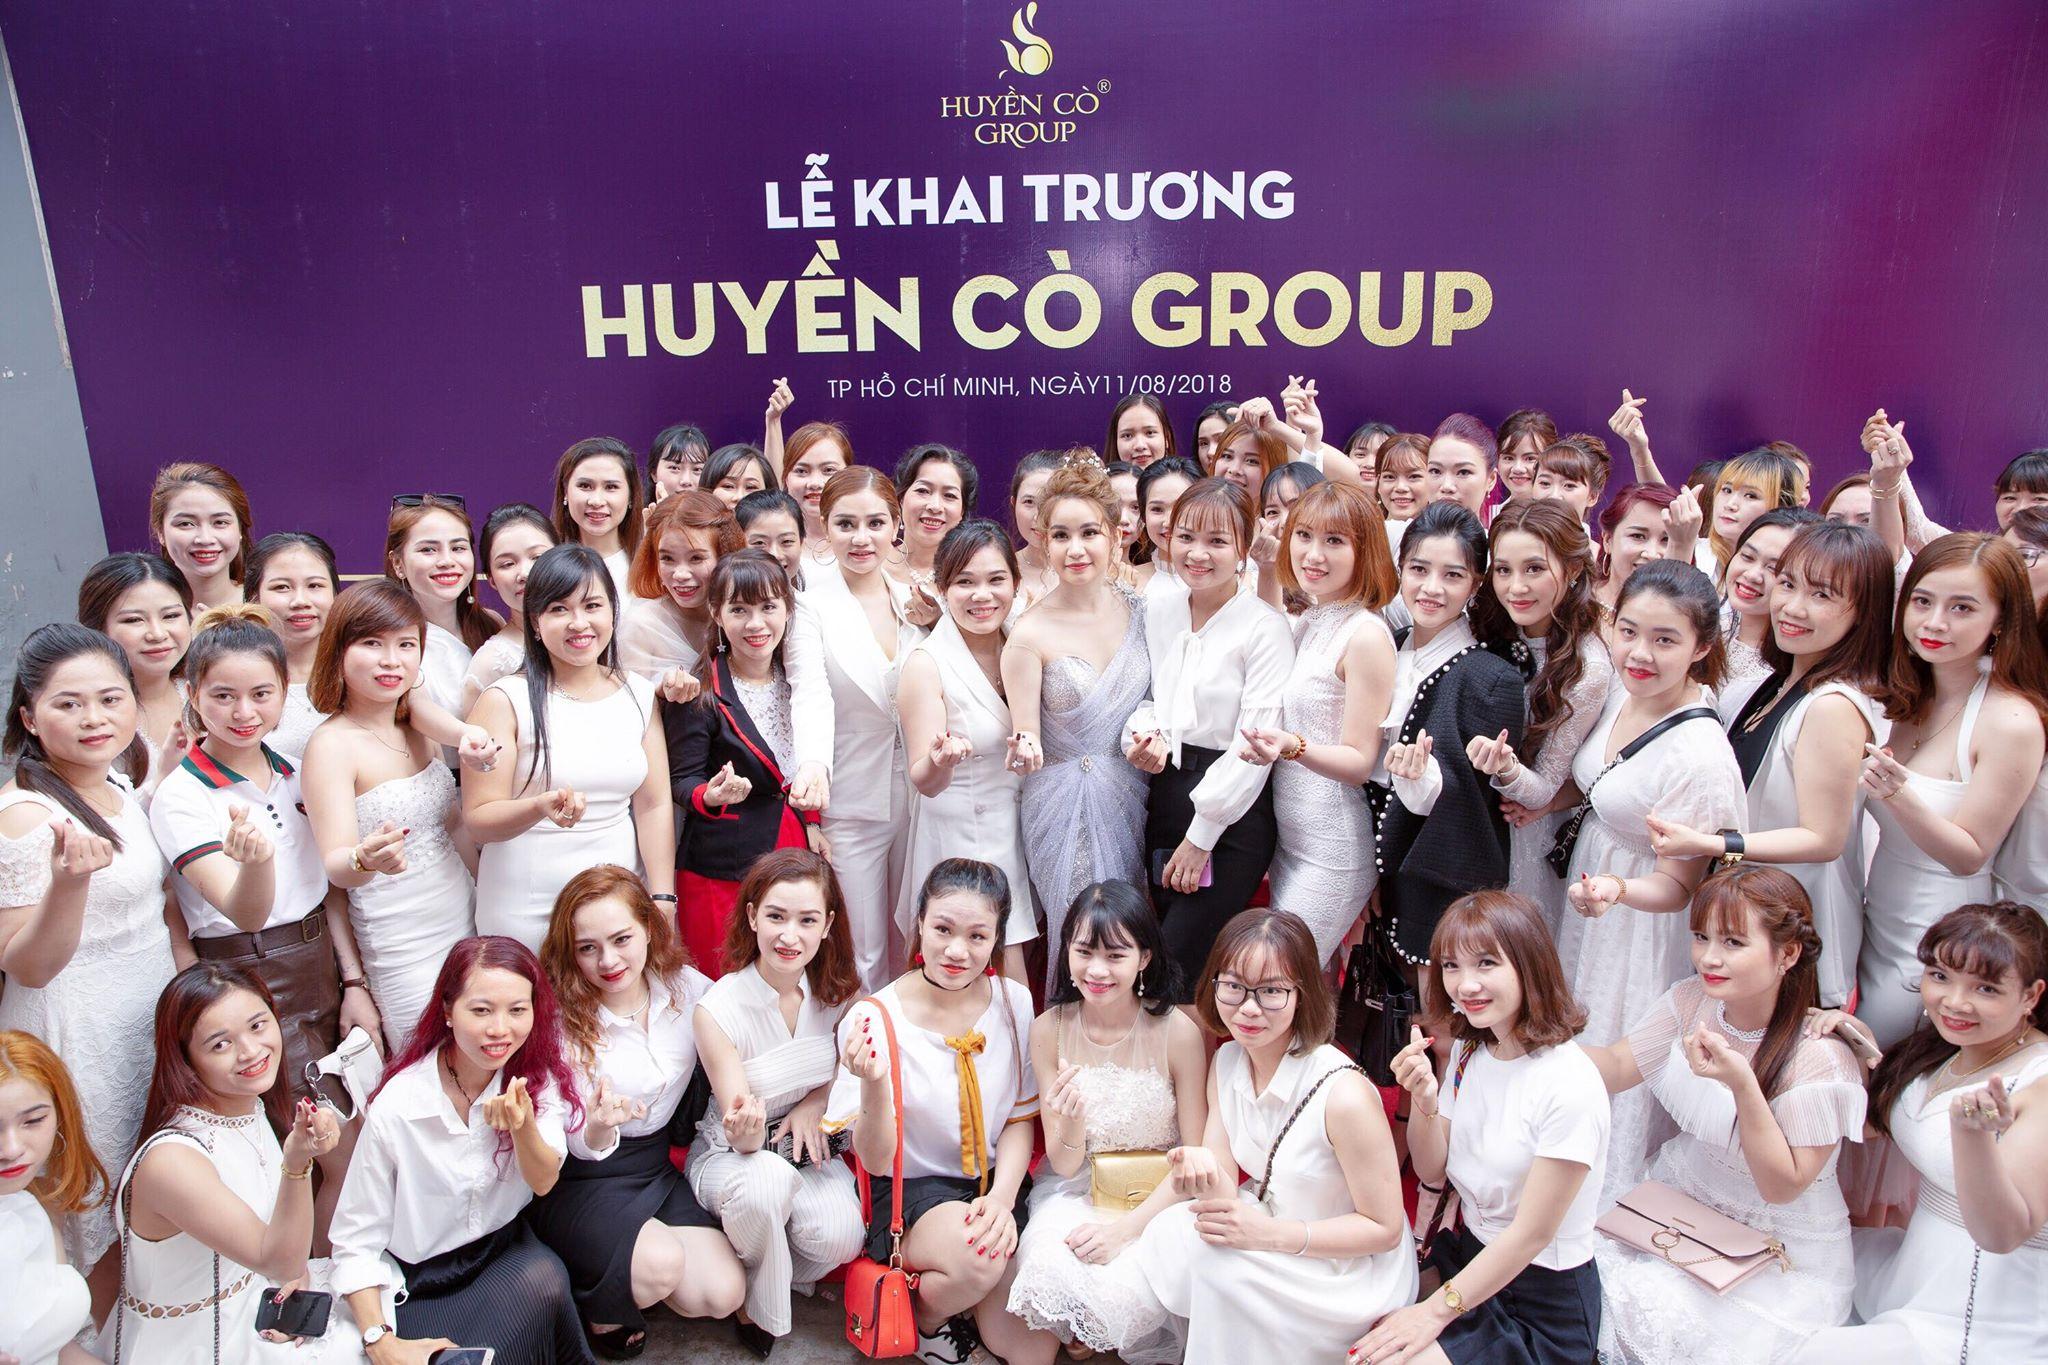 Tập đoàn Huyền Cò khai trương Huyền Cò Center và Huco Spa - Ảnh 12.